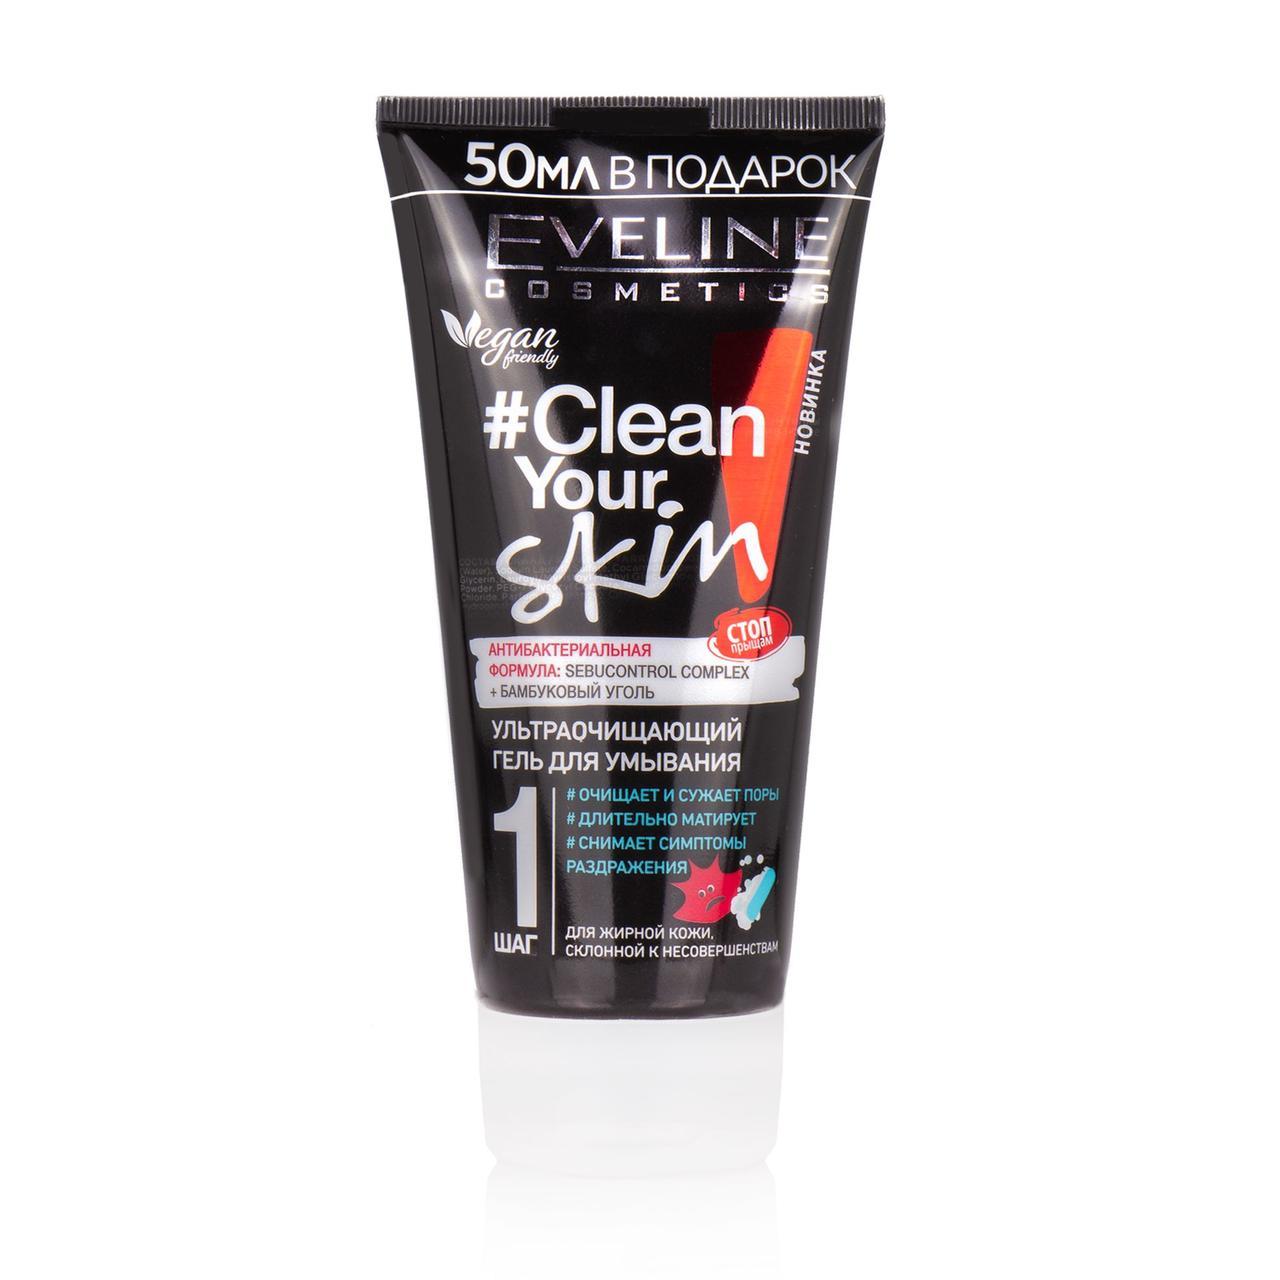 Гель для умывания ультра очищающий Clean Your Skin Eveline Cosmetics, 200 мл Эвелин